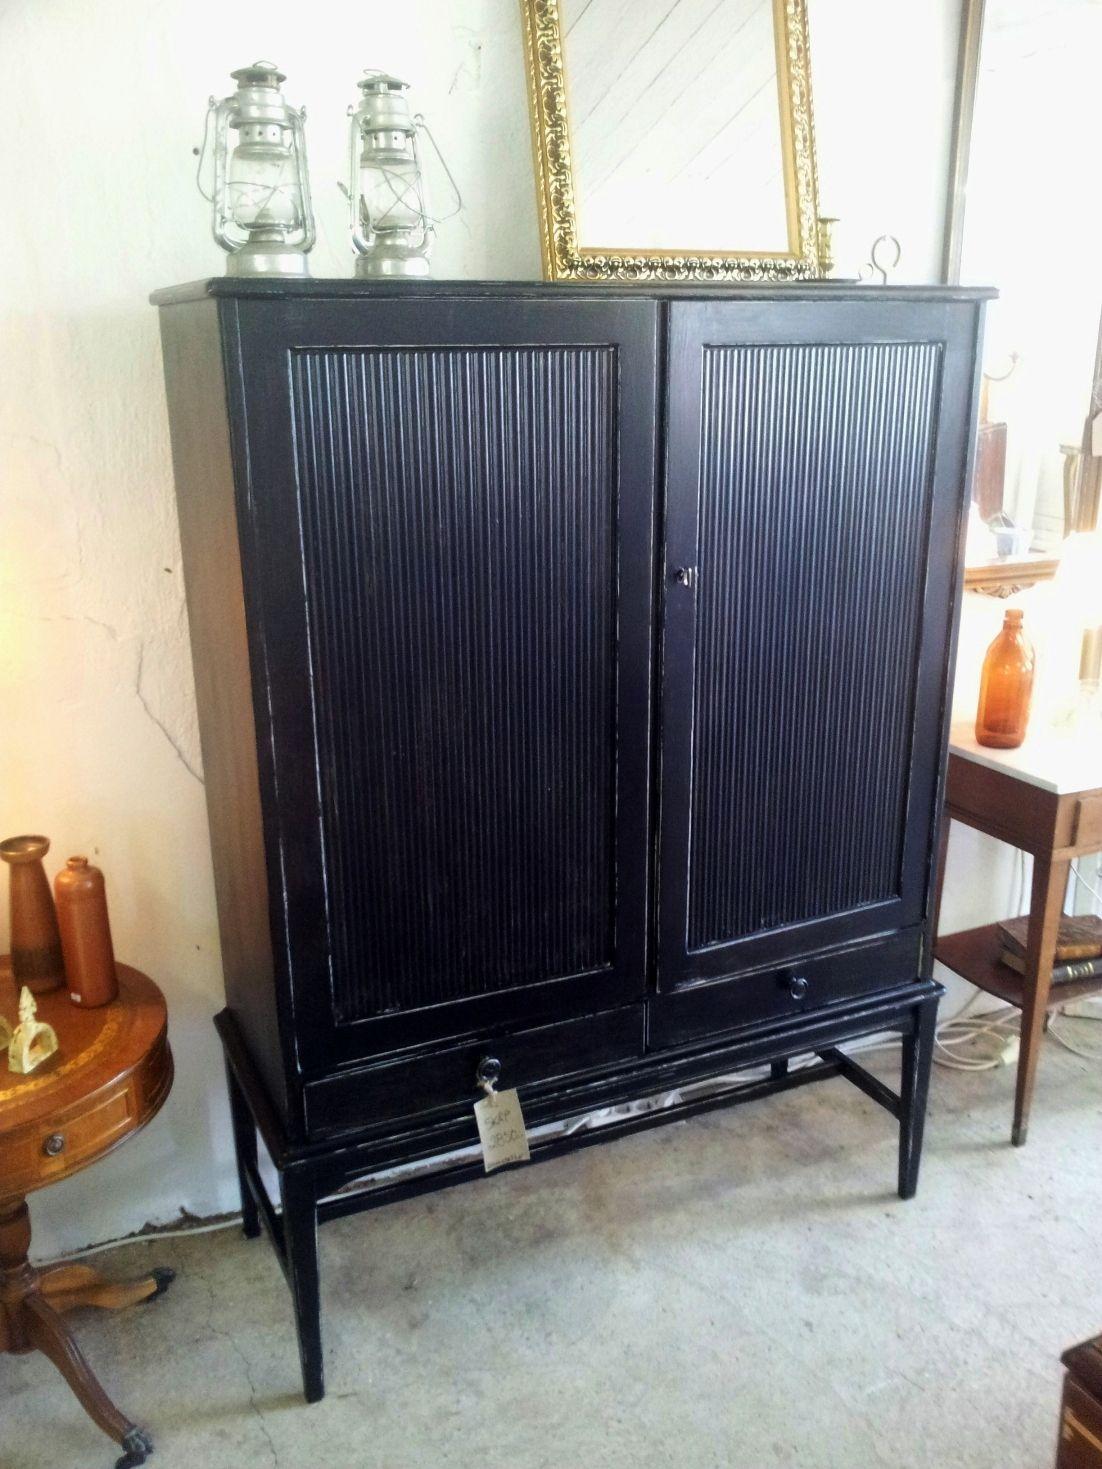 svartm lat linnesk p sk p cupboards cabinets pinterest linnesk p vardagsrum och inredning. Black Bedroom Furniture Sets. Home Design Ideas